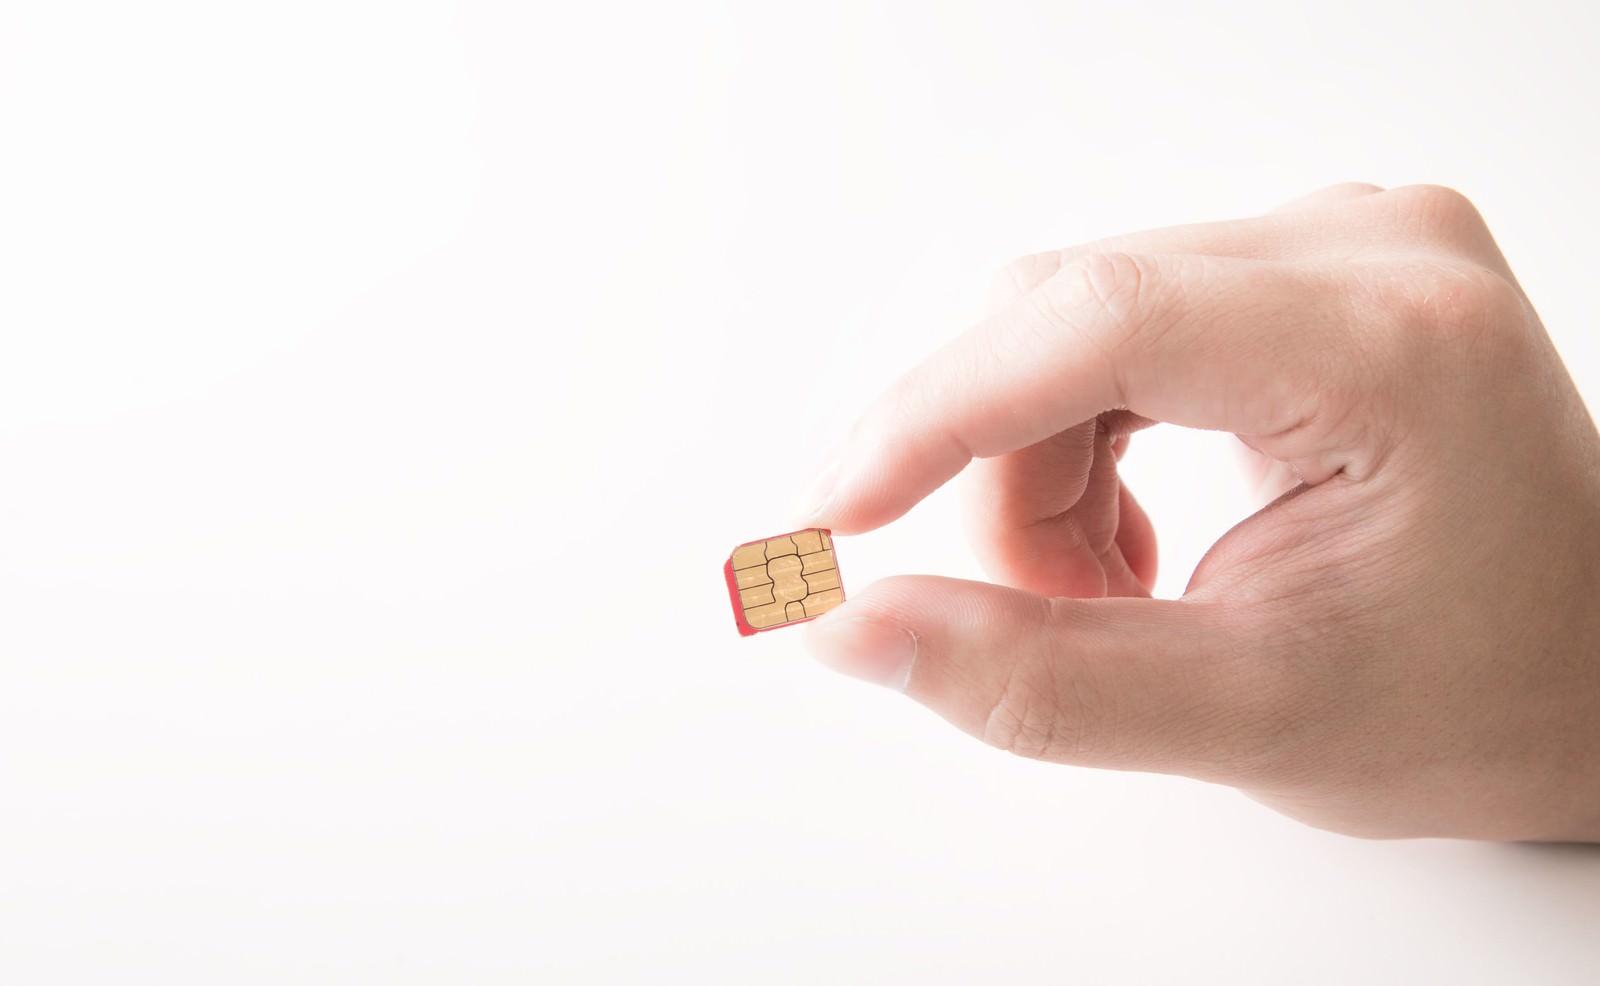 「これがカットされたSIMカードです(マイクロSIM)これがカットされたSIMカードです(マイクロSIM)」のフリー写真素材